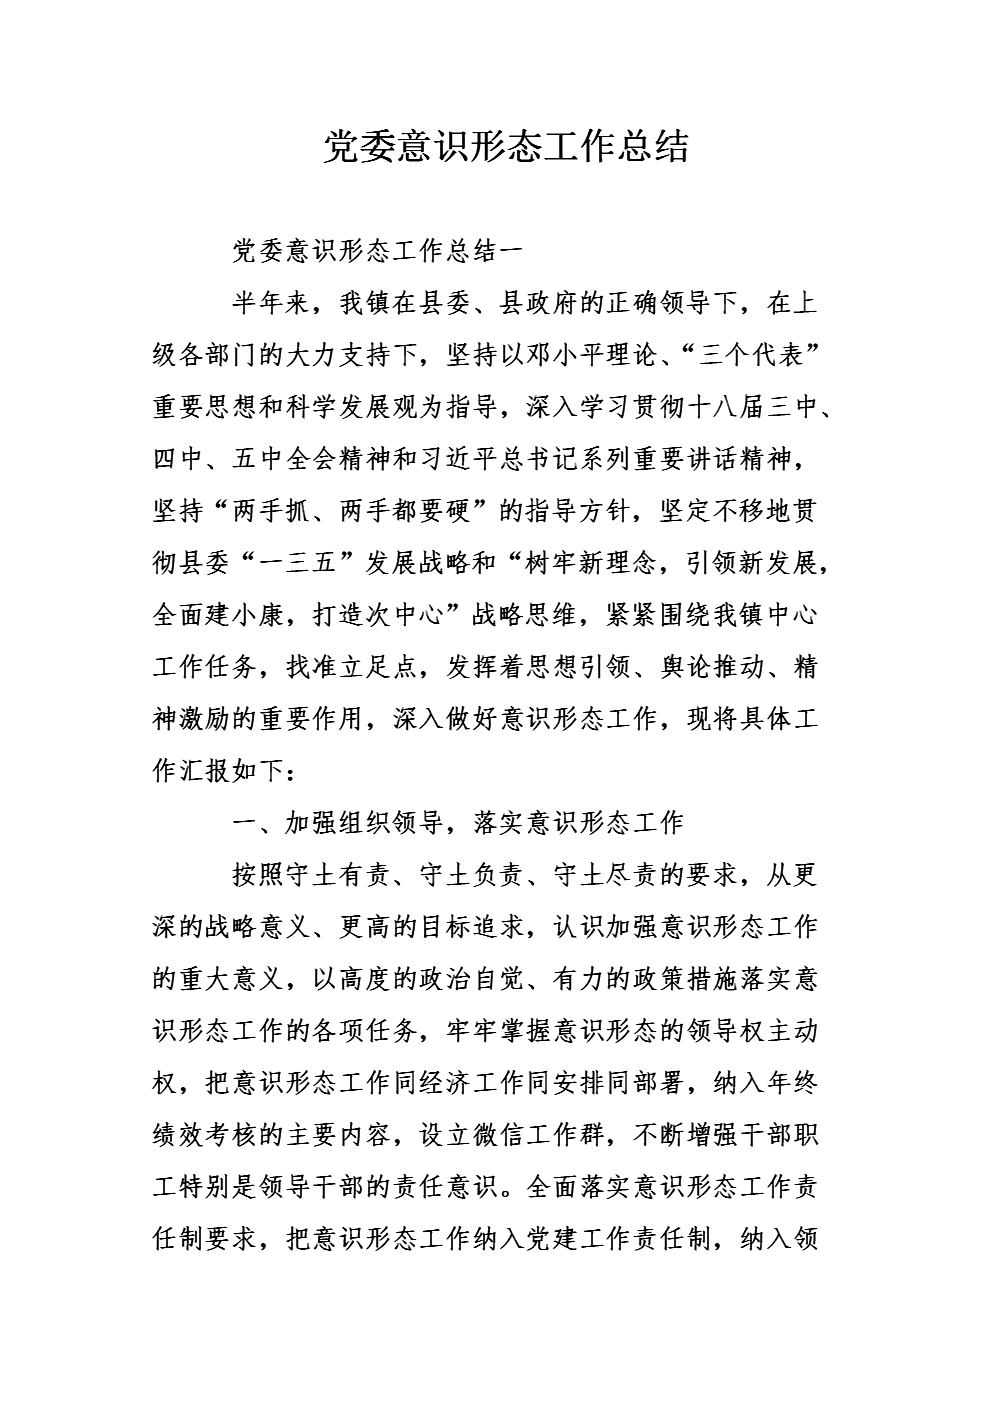 党委意识形态工作总结精编.doc